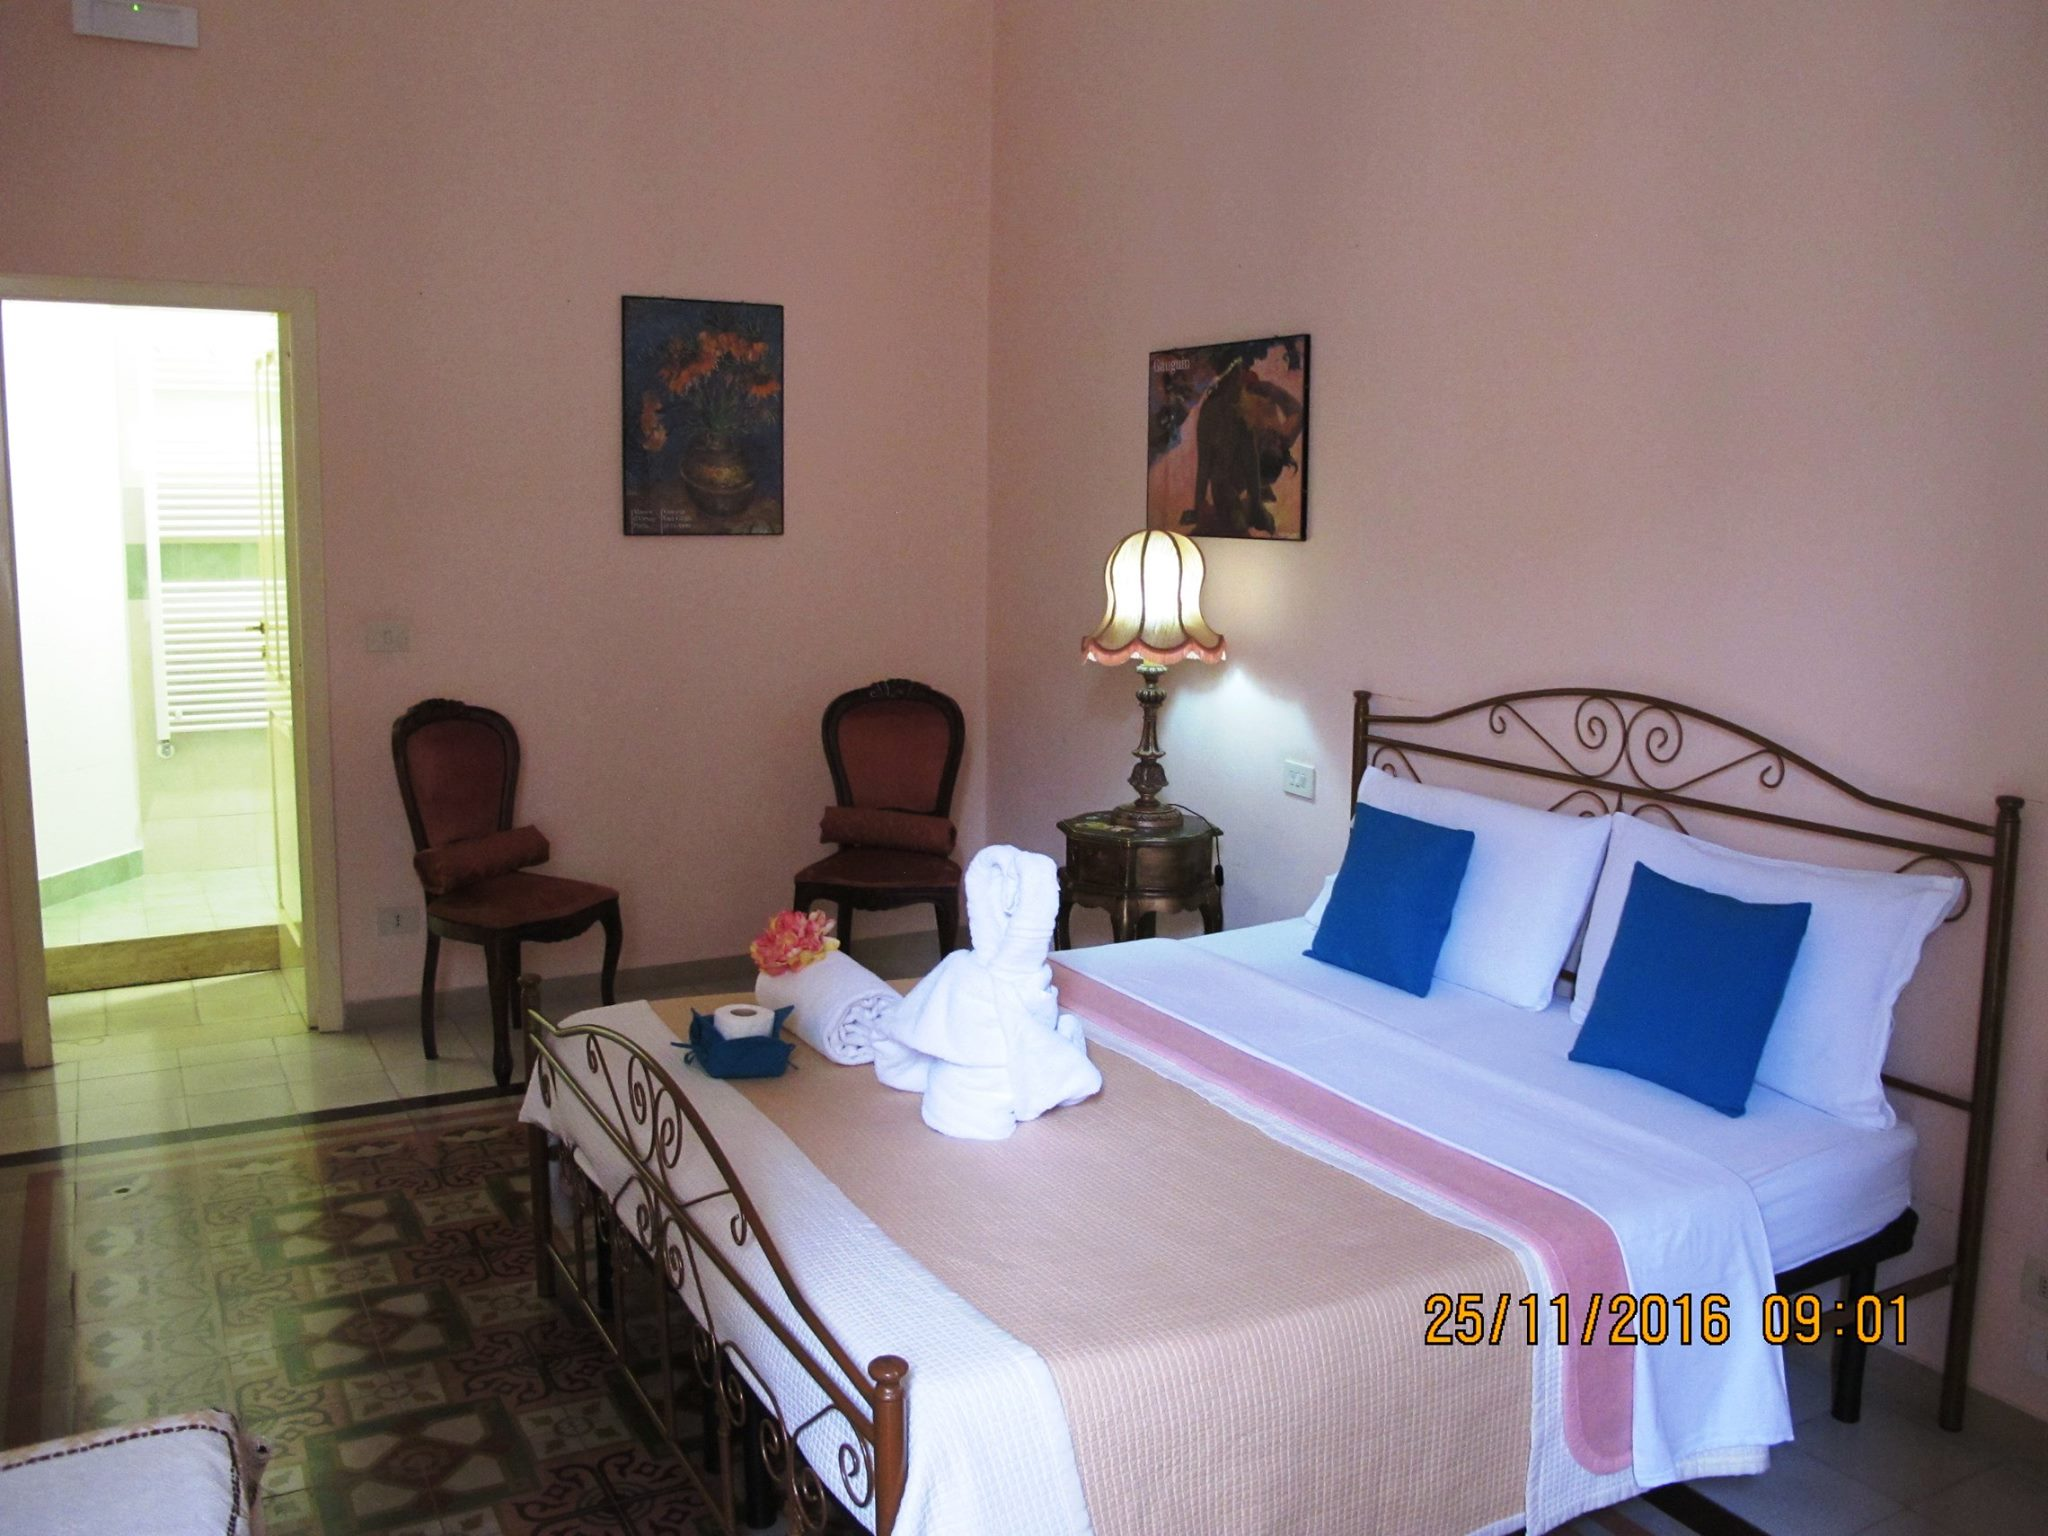 Lecce, Italie Appartement #RU99395